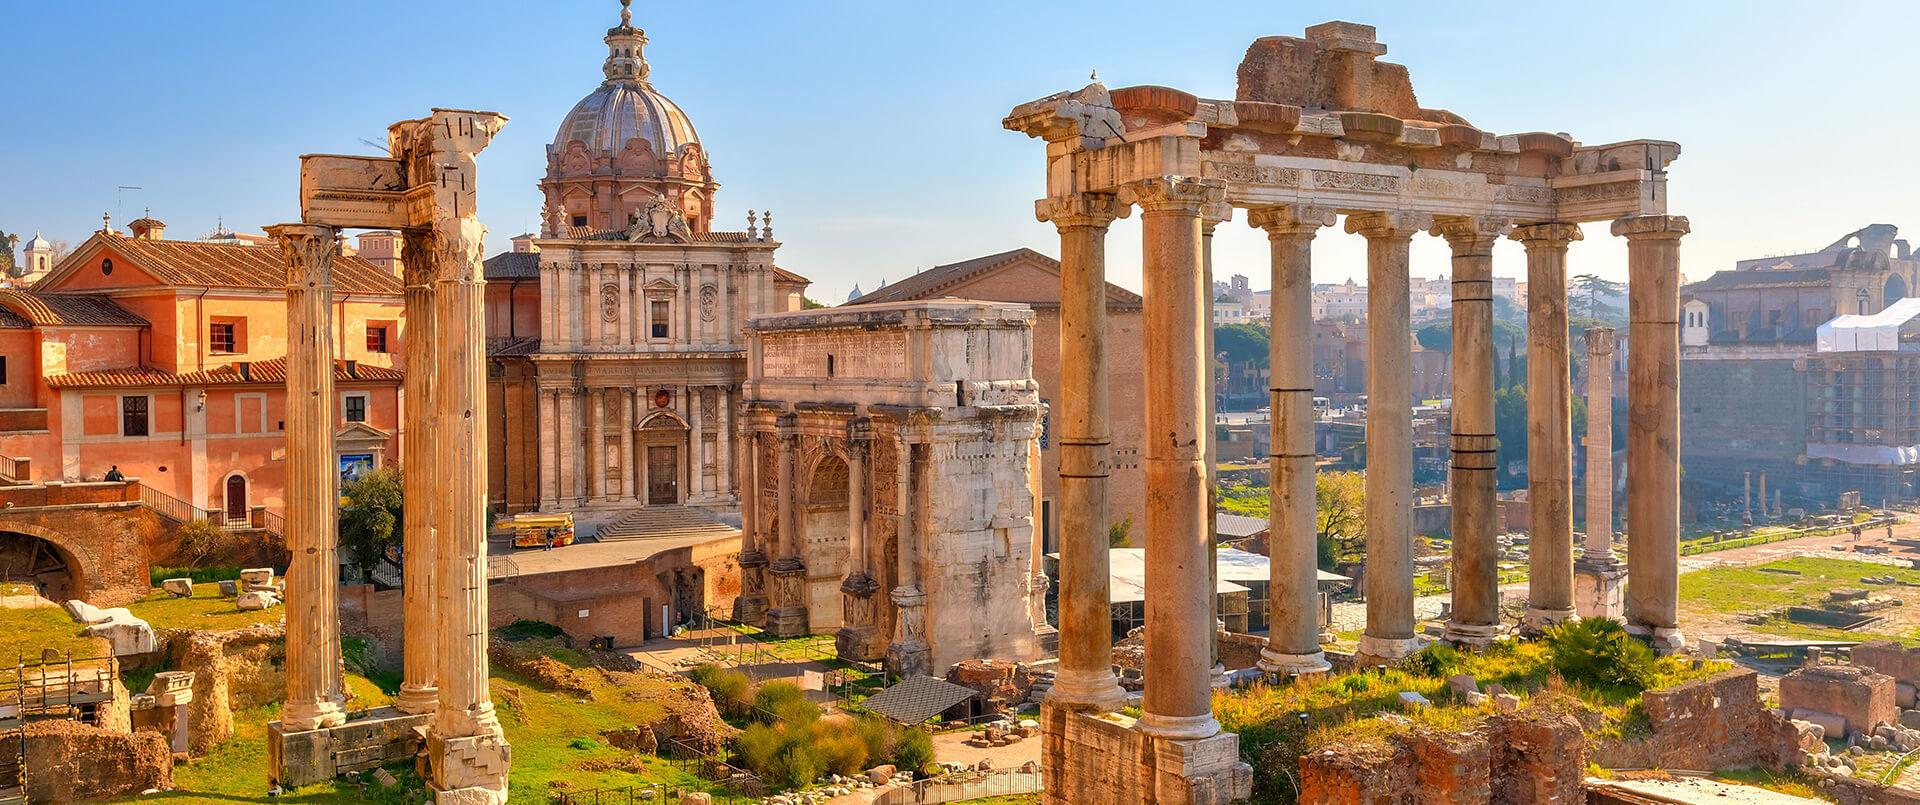 Caravaggio In Rome & Malta